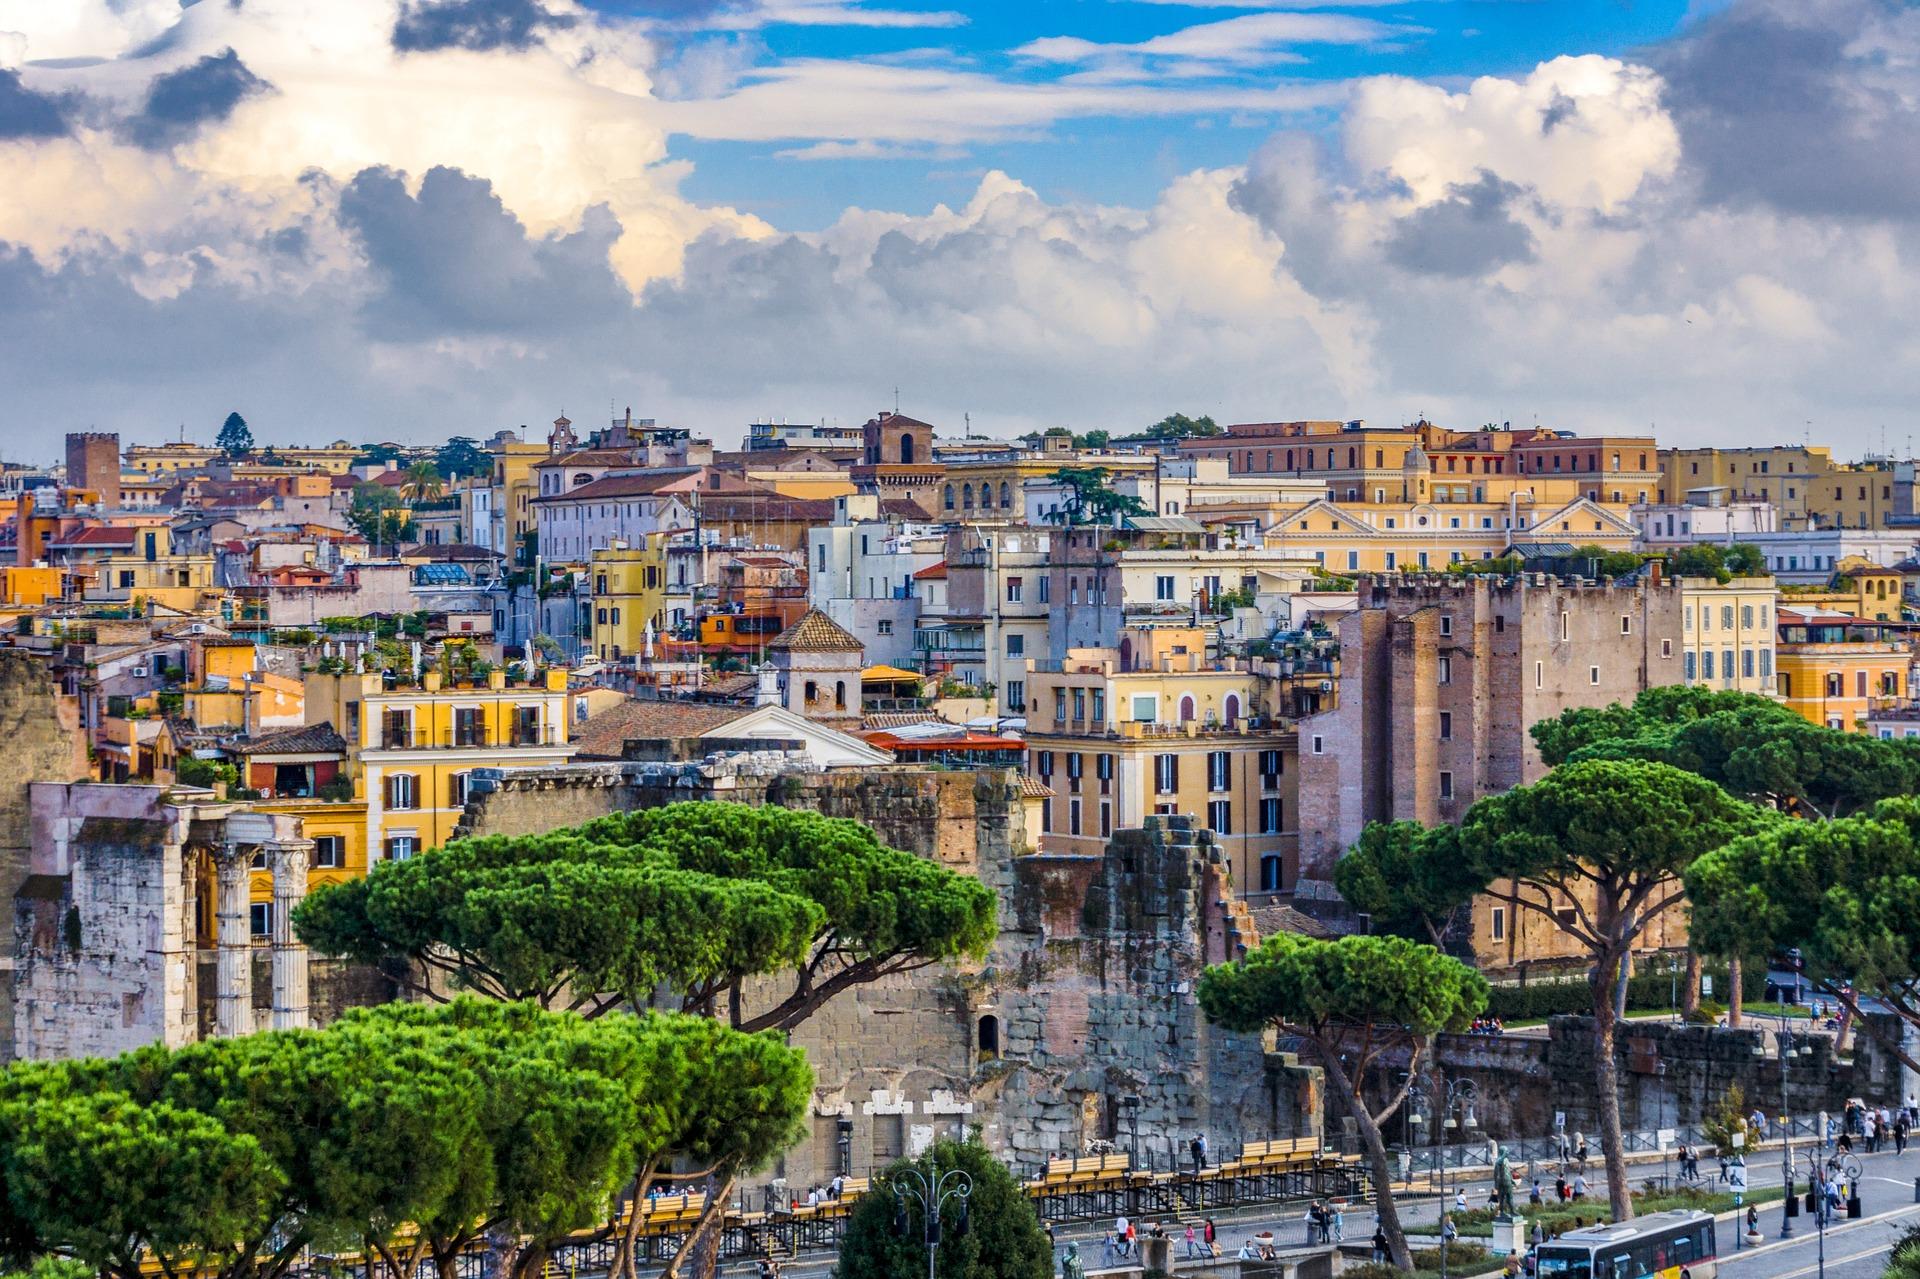 Roma è il comune italiano con il maggiore tasso di consumo di suolo secondo i dati ISPRA. FOTO: Kookay da Pixabay